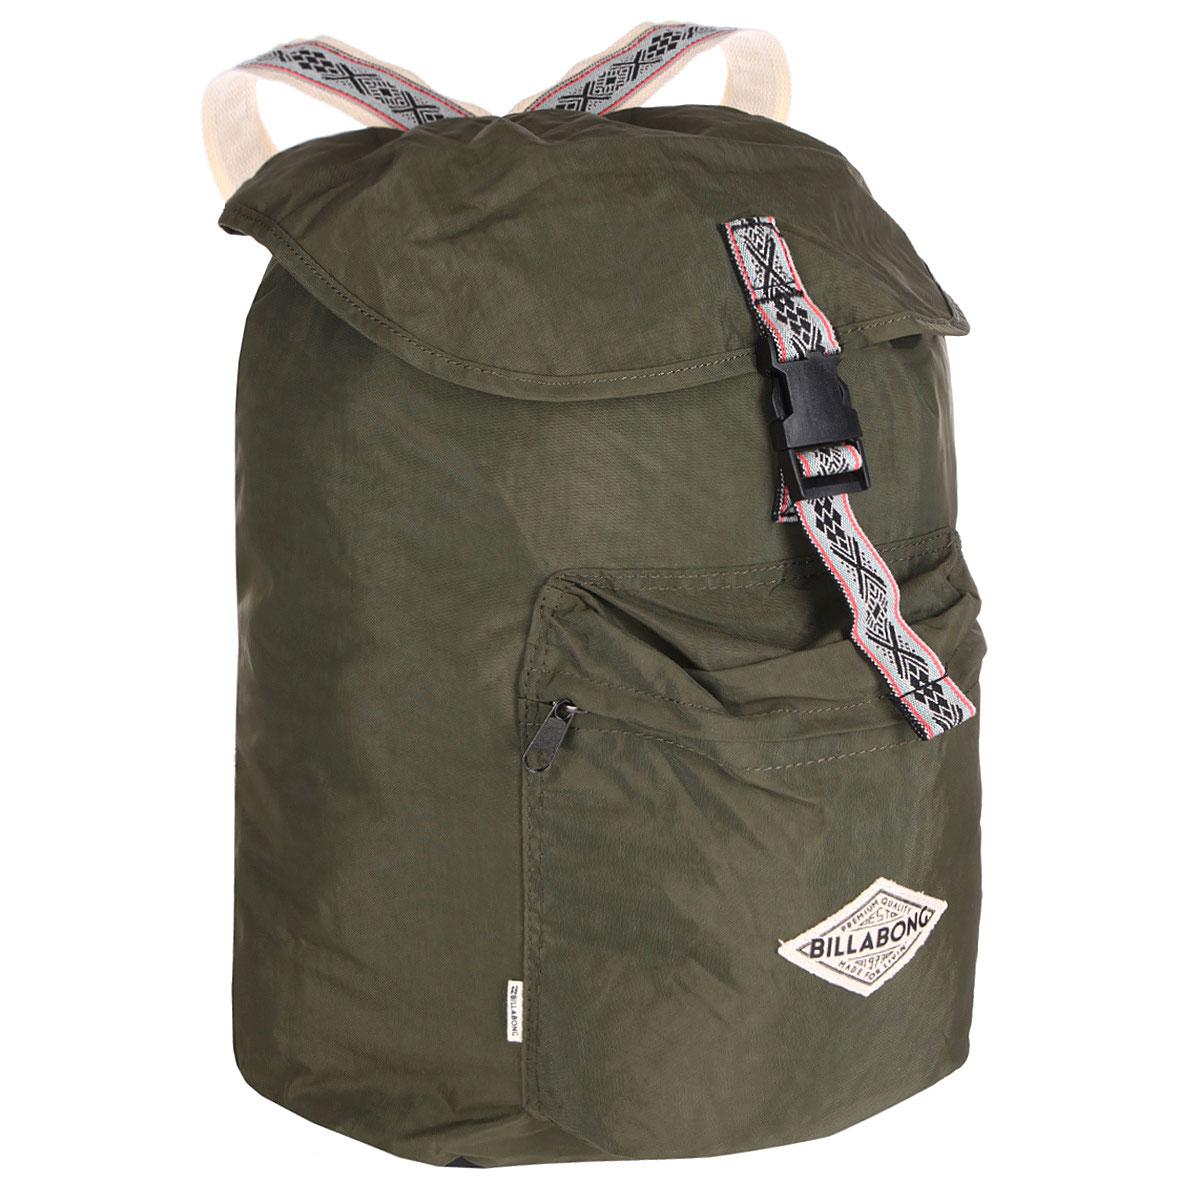 Рюкзак городской Billabong Sister Solstice, цвет: зеленый, 30 лU9BP02Вместительный рюкзак-мешок, декорированный узорными лямками. Основное отделение рюкзака затягивается на шнурок и дополнительно защищено клапаном на пряжке, благодаря чему ваше имущество будет надежно защищено от посторонних посягательств. Так как рюкзак не имеет жесткого каркаса, в него можно уложить множество различных вещей, разместив их в удобном для вас порядке. Передний карман на молнии.